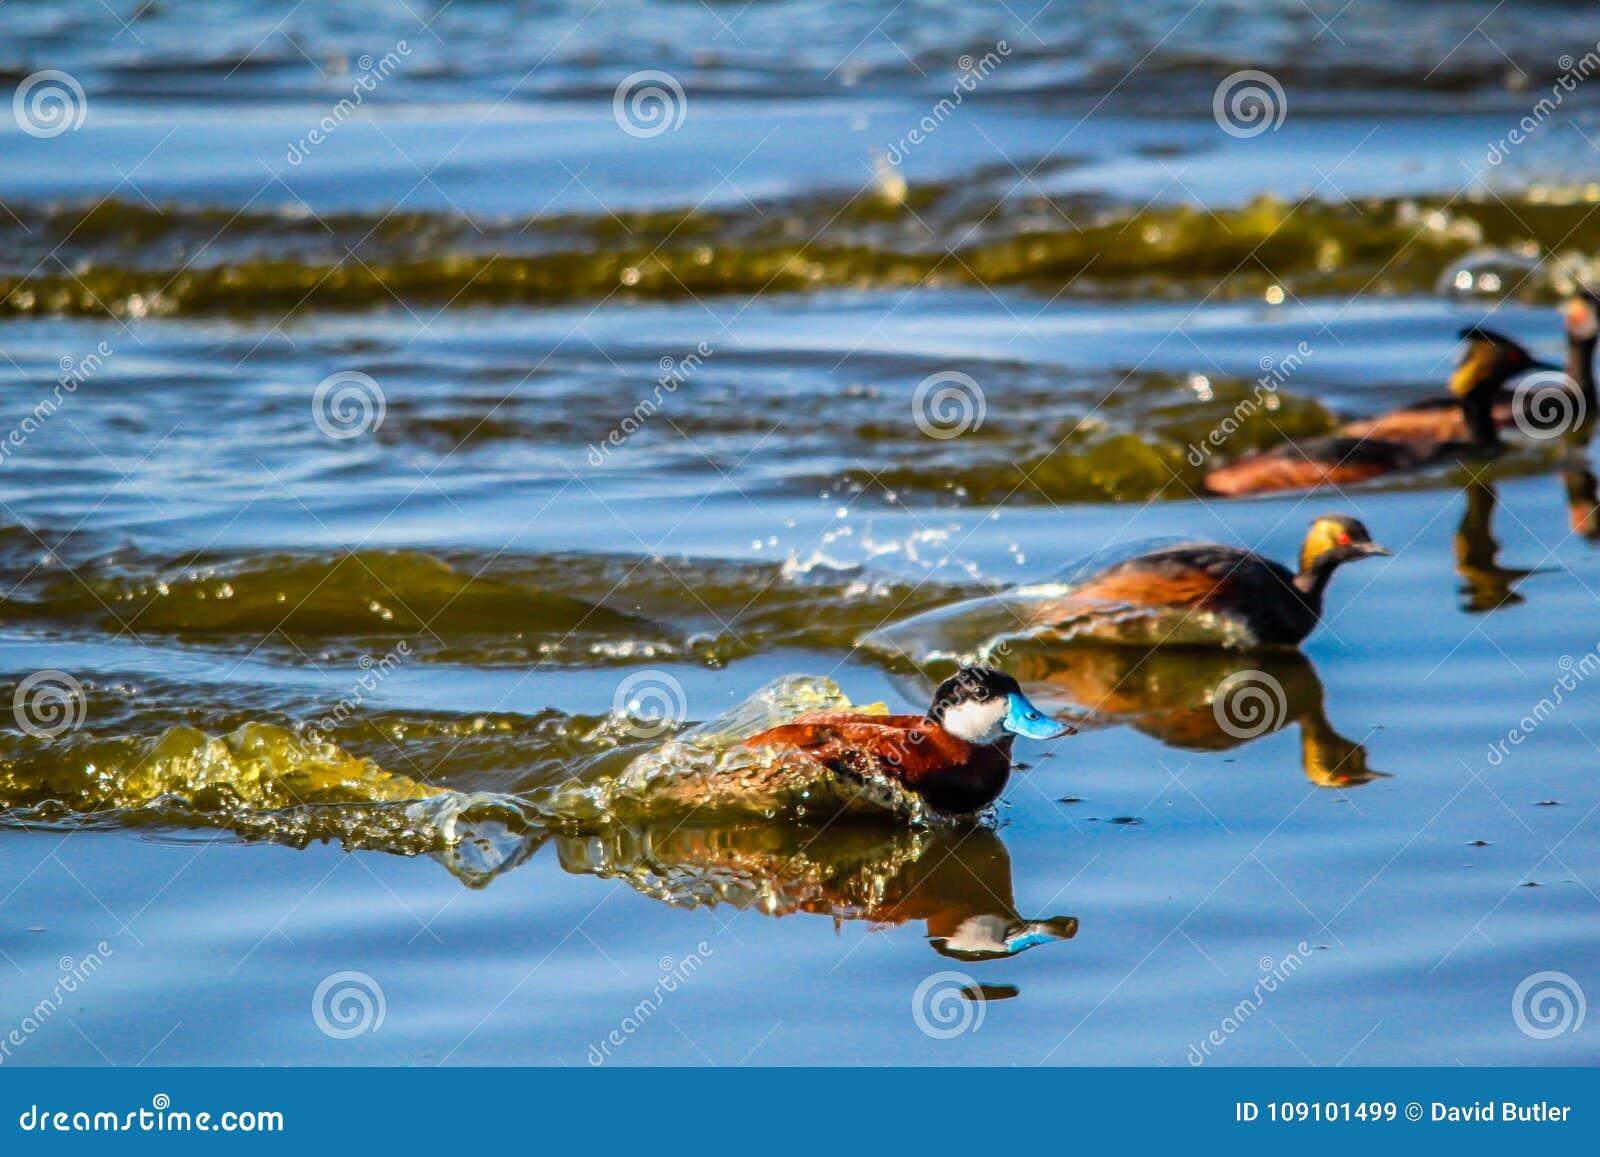 Rudy nurkuje, Szczery jezioro, Alberta, Kanada